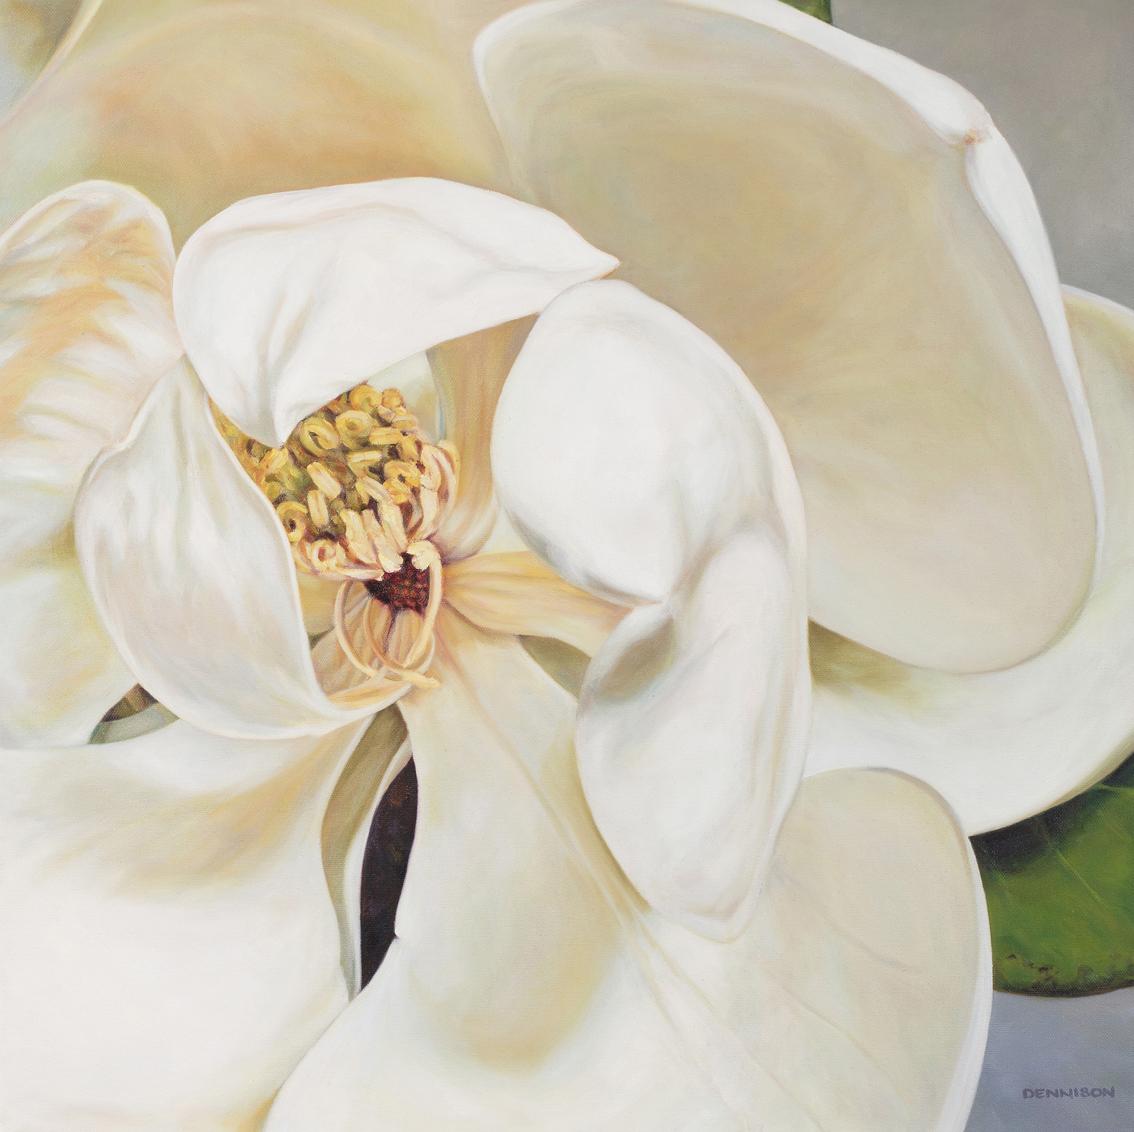 Magnolia   Oil on Canvas, 60cm x 60cm, $1600